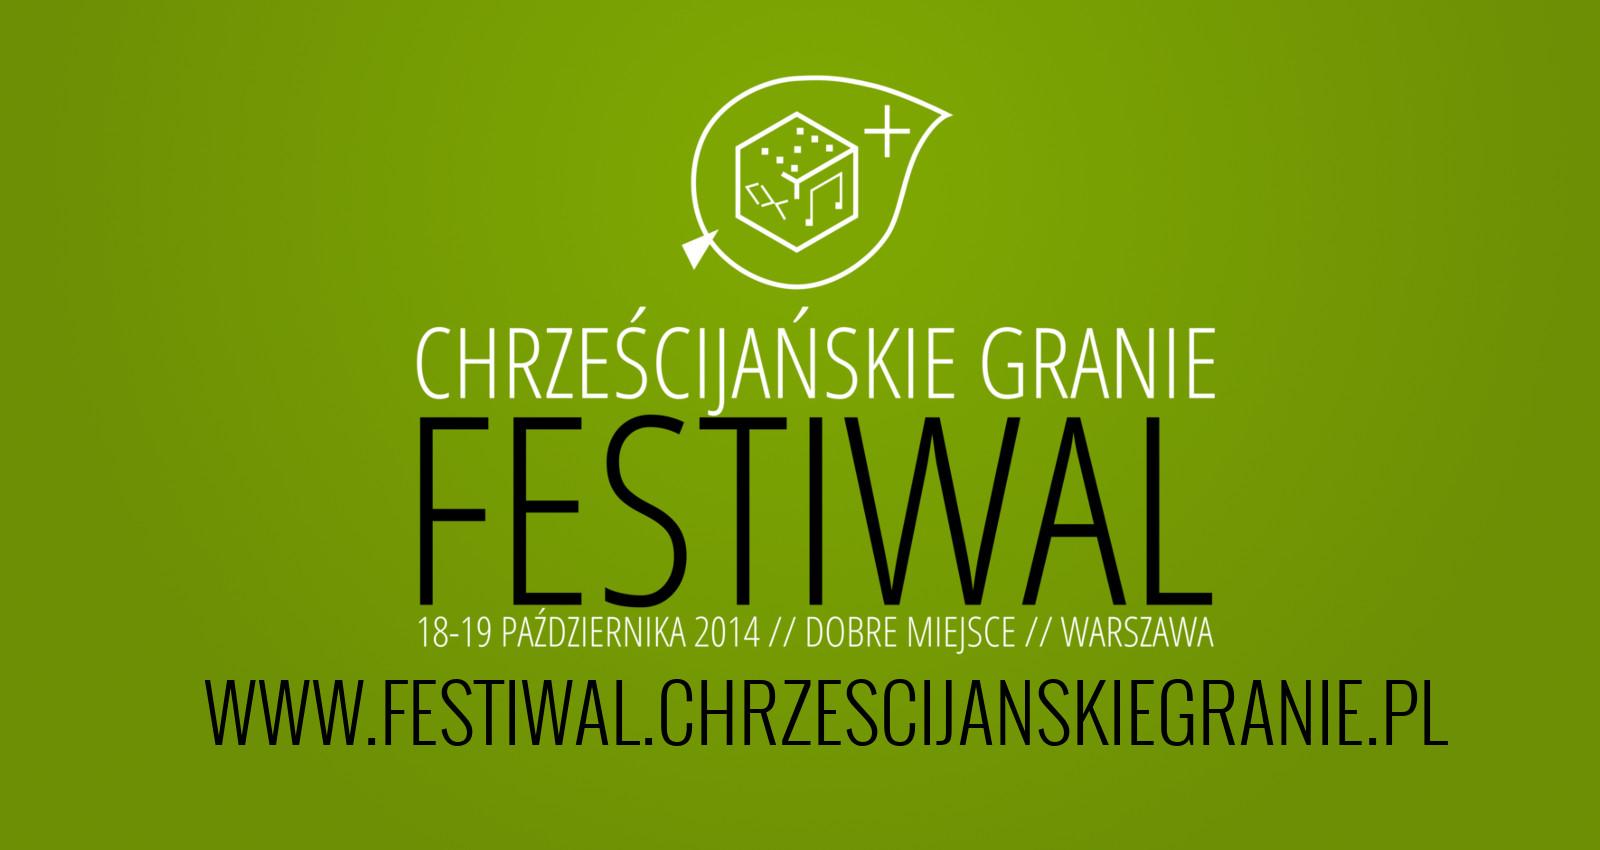 4. Festiwal Chrześcijańskie Granie - zielony